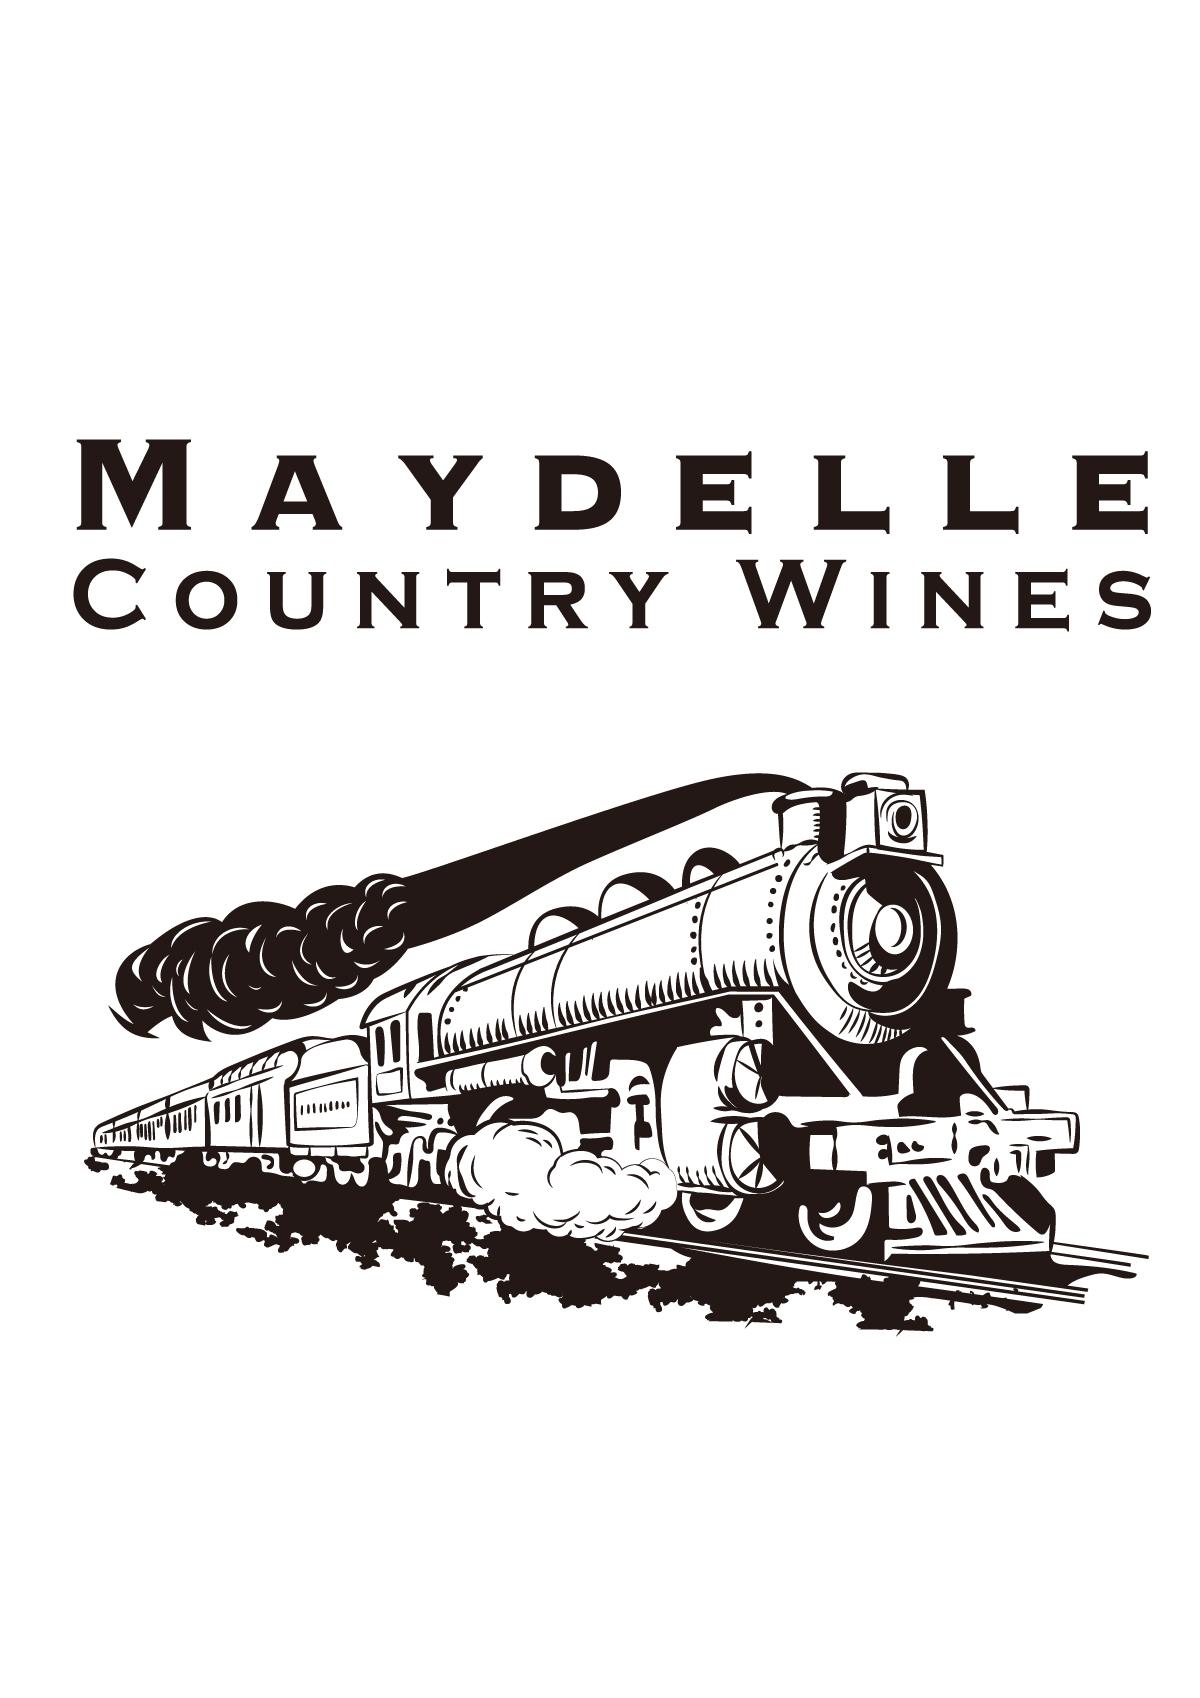 Maydelle.jpg